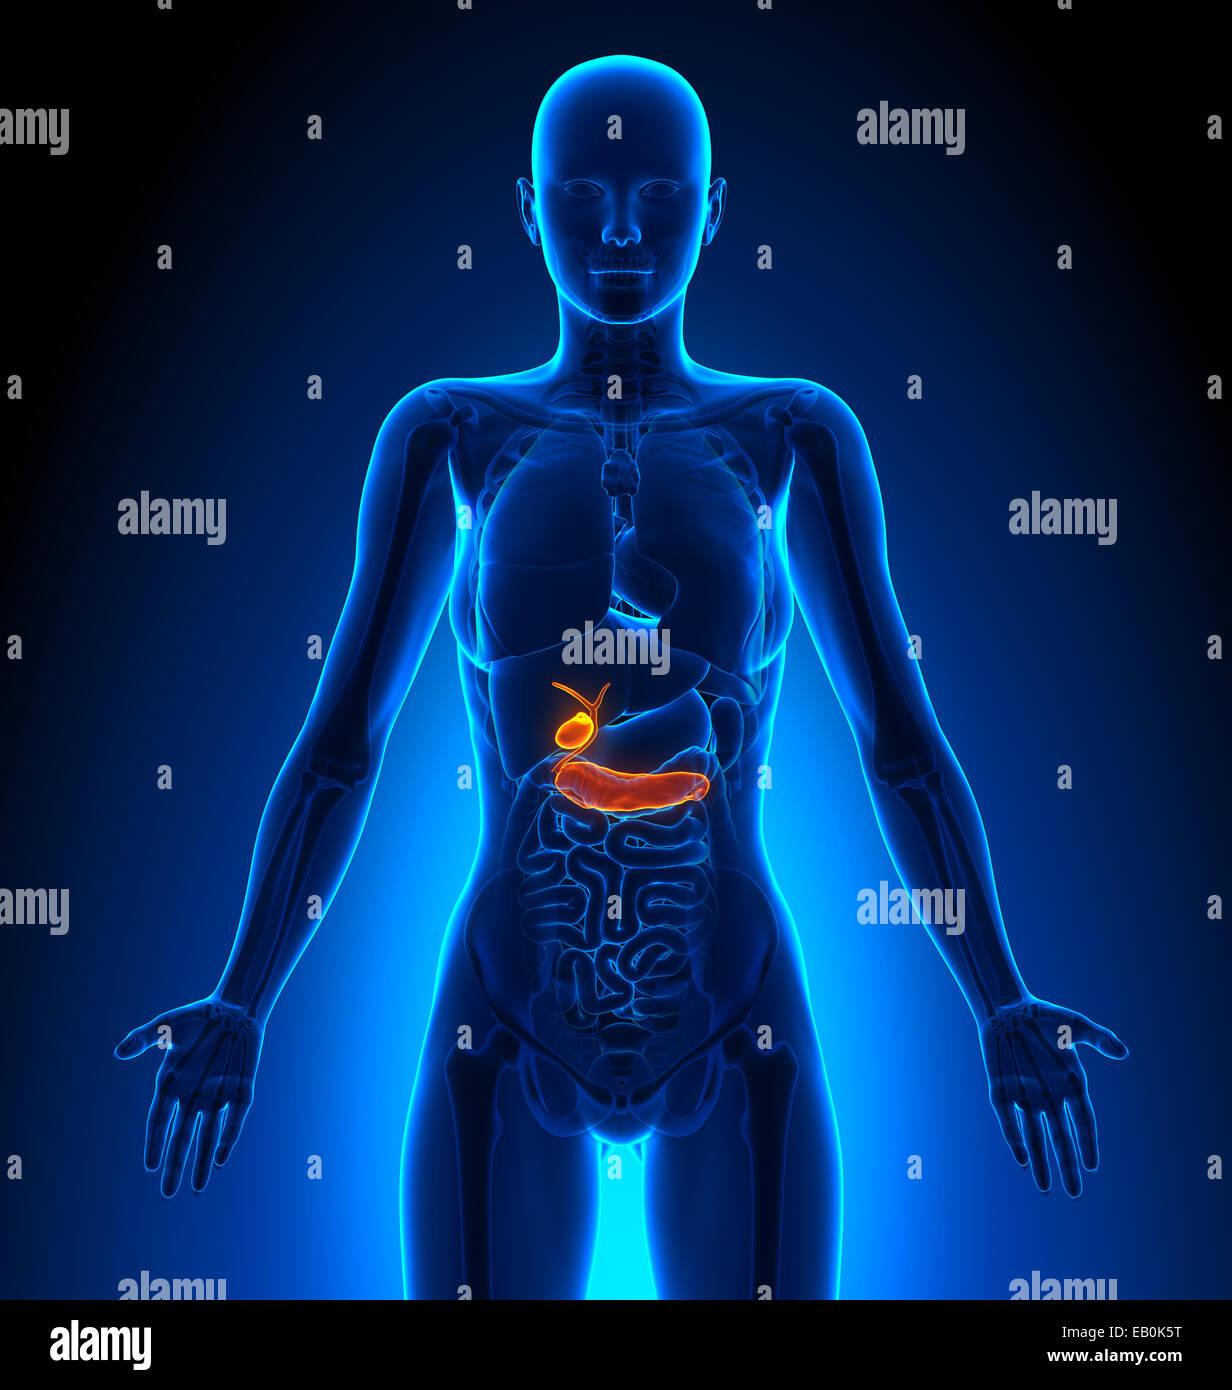 Gallbladder / Pancreas - Female Organs - Human Anatomy Stock Photo ...